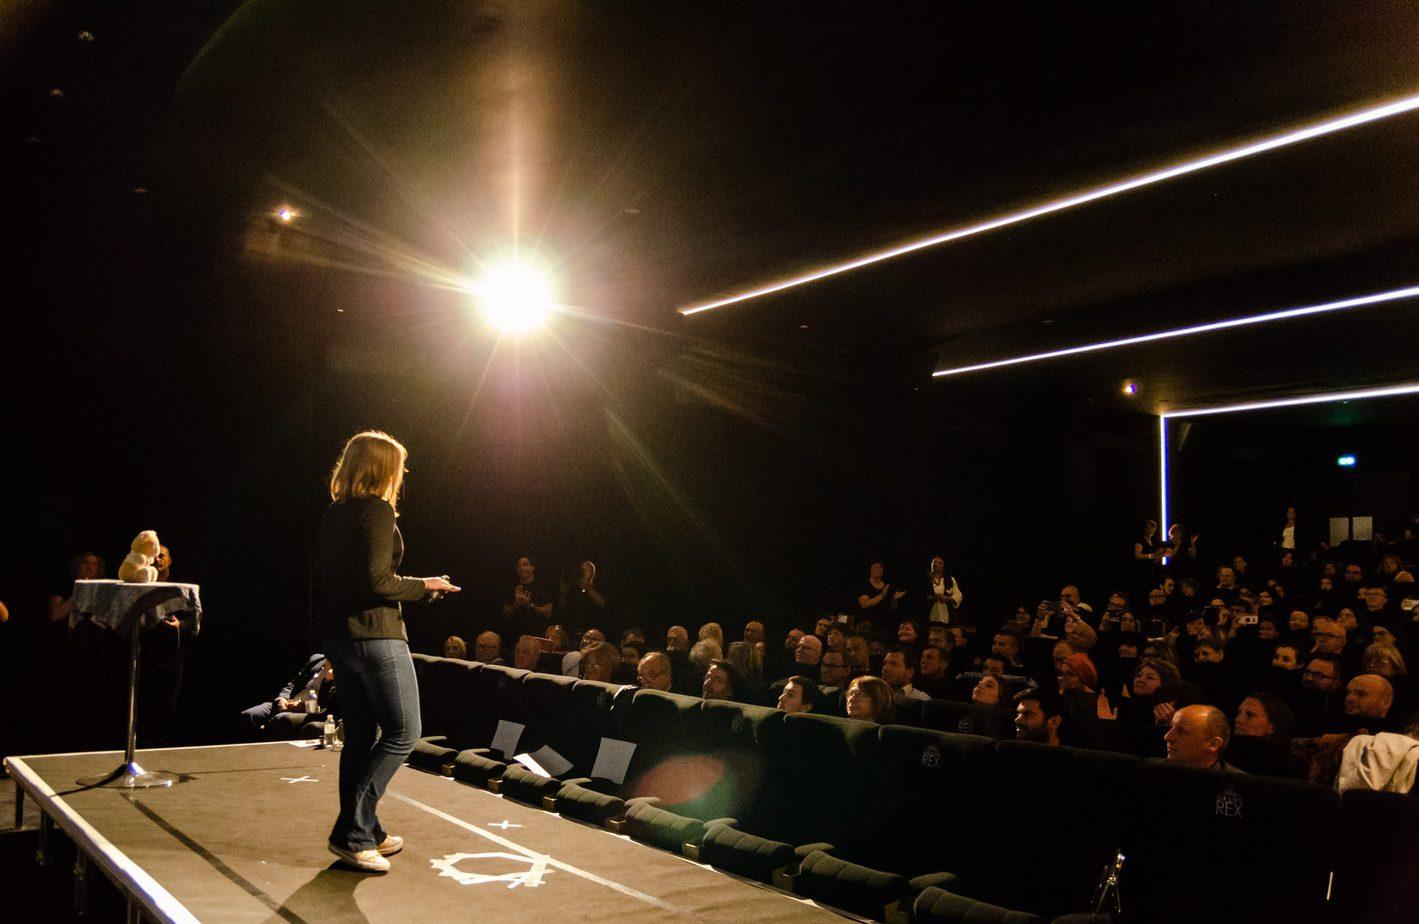 Conférence humoristique sur la psychologie sociale, la vulnérabilité l'empathie et la honte. Stand Up prise de parole en public